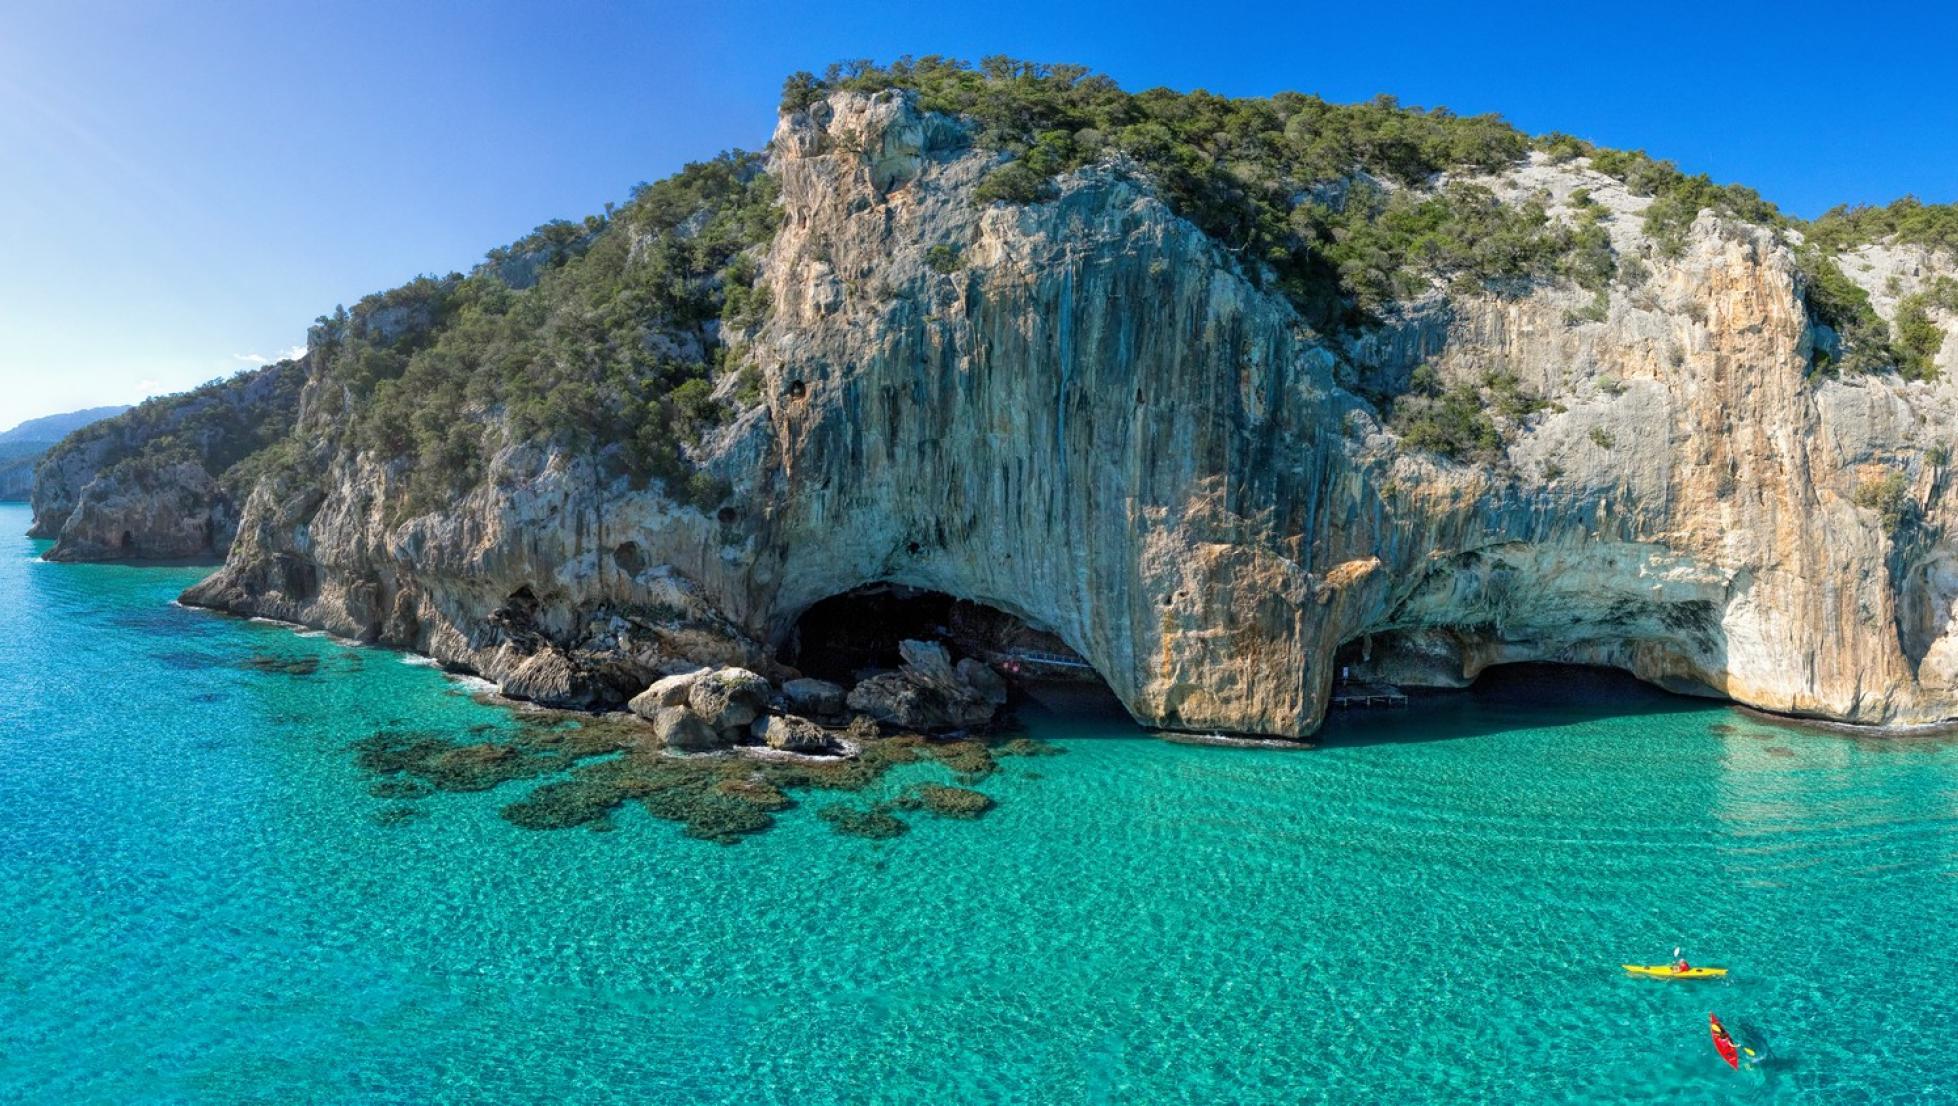 Grotte del bue marino - Cala Gonone - Dorgali